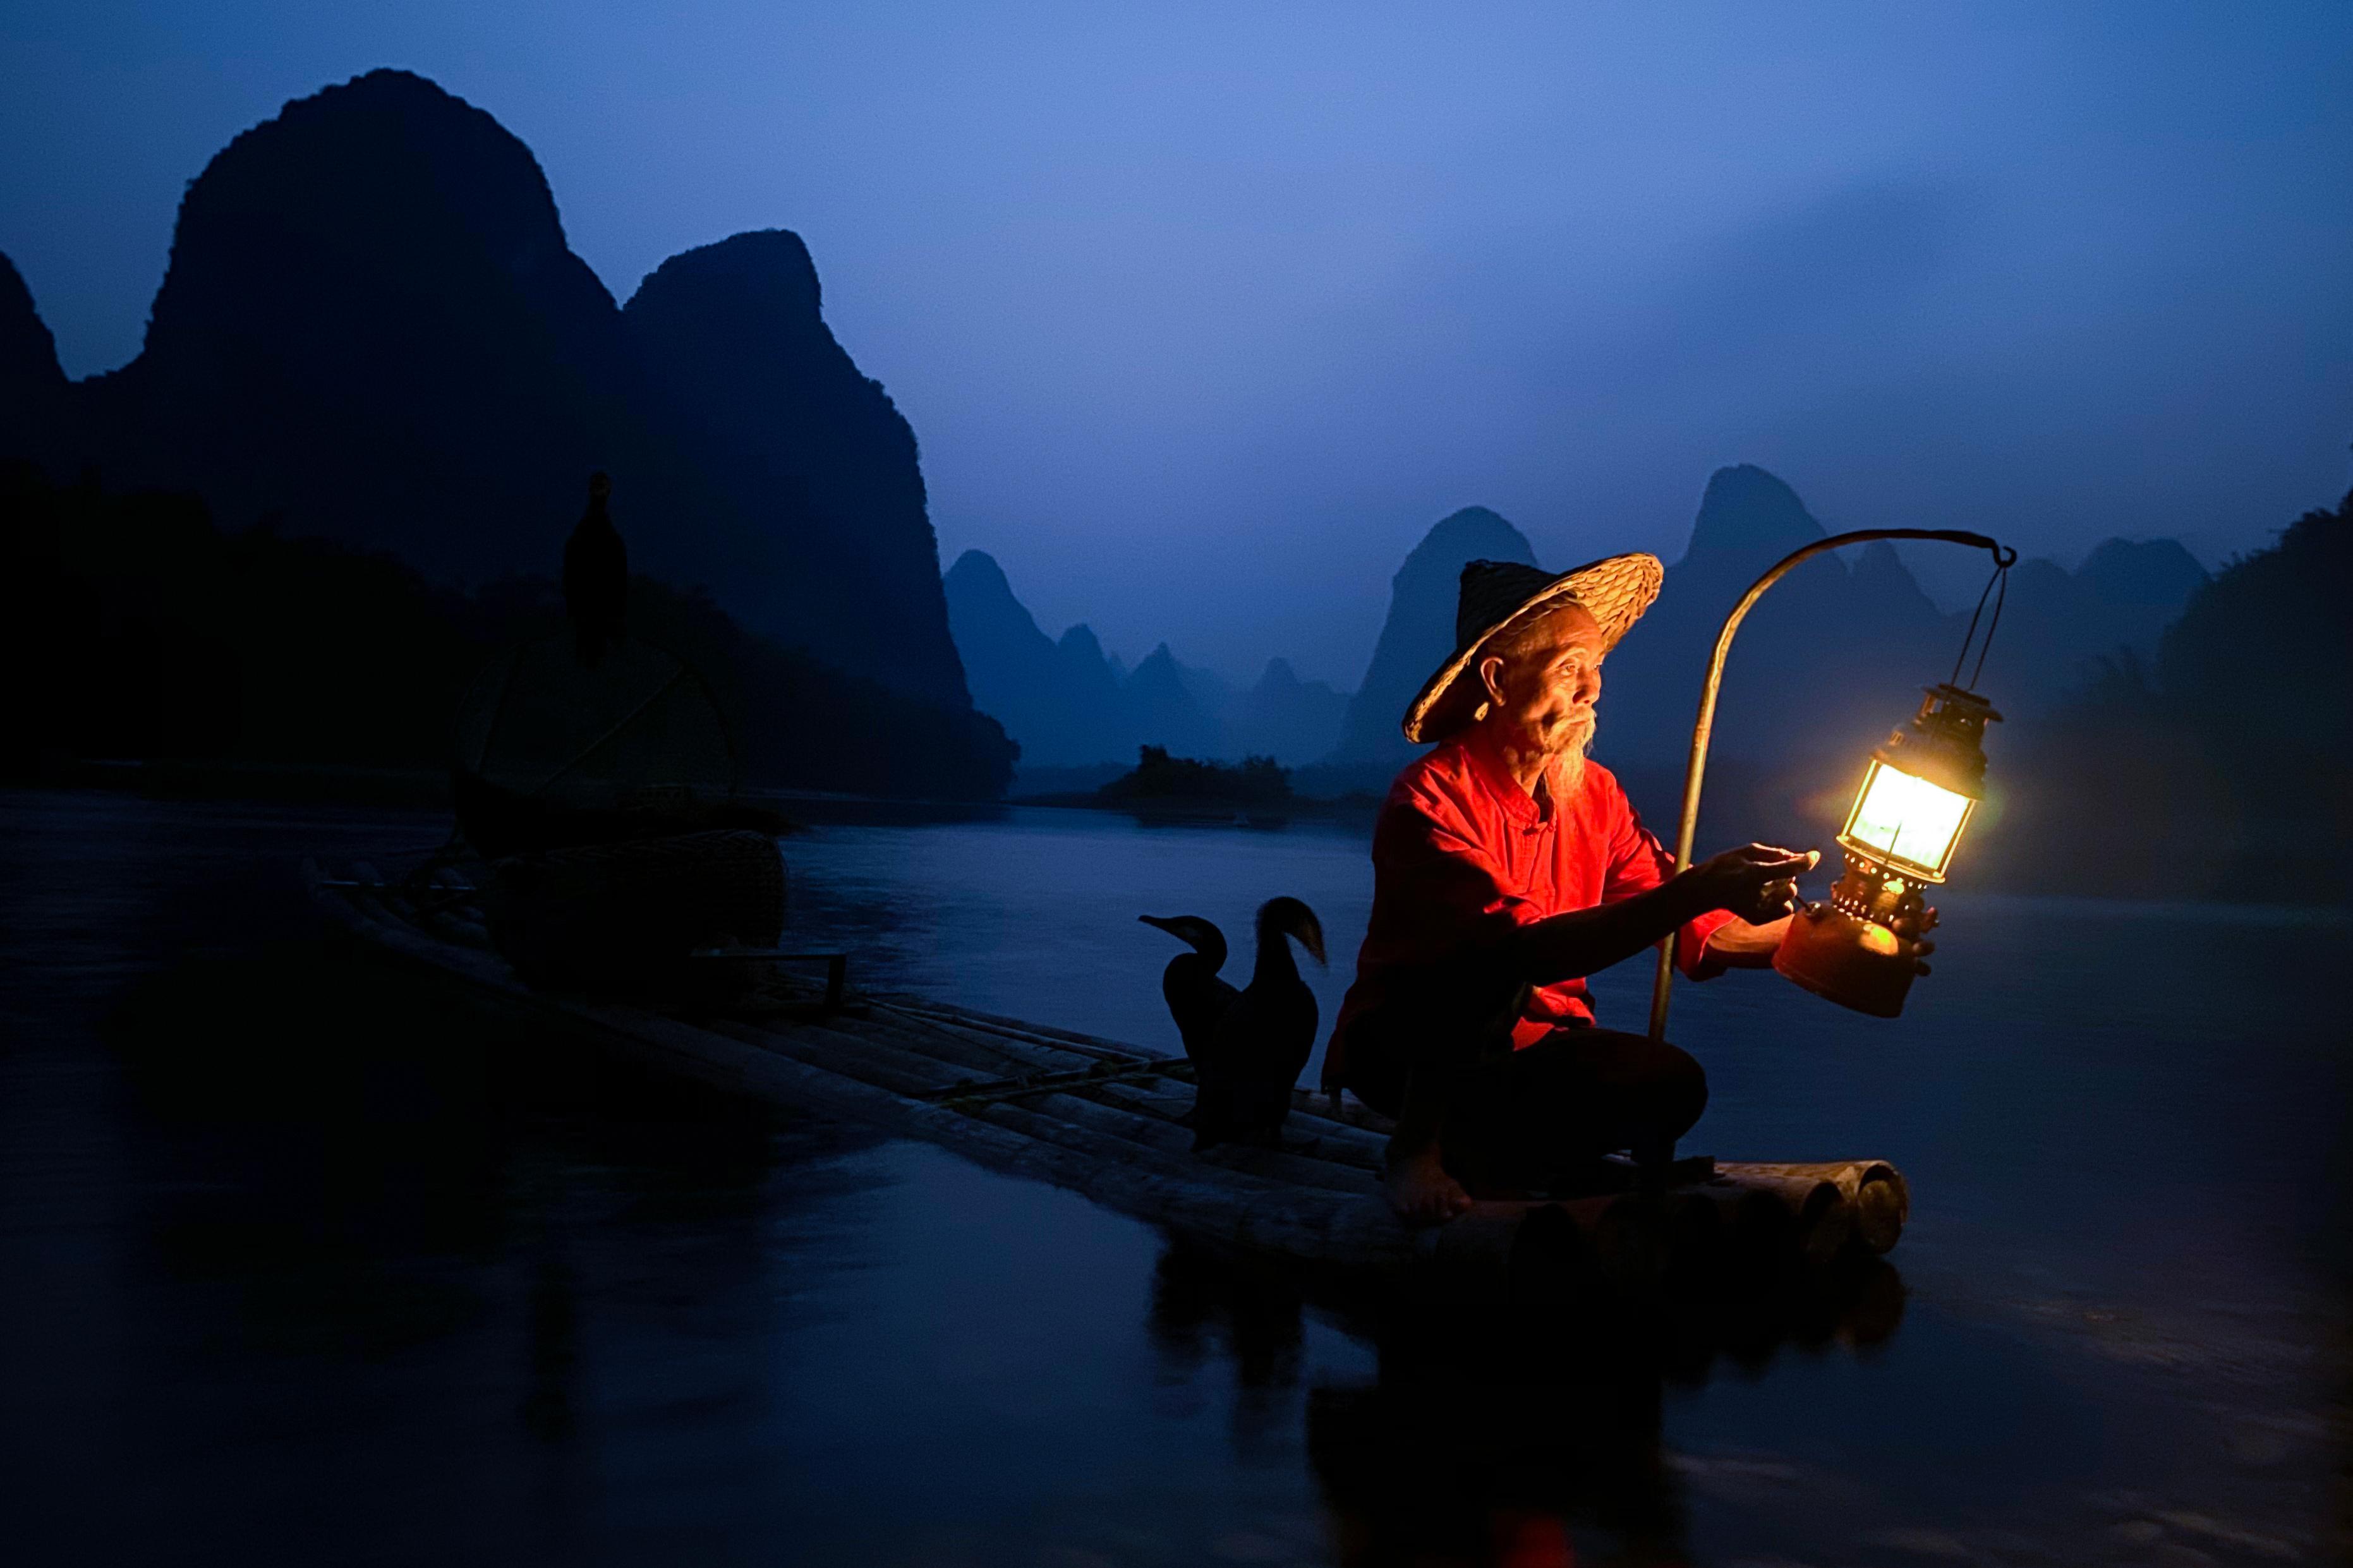 Concurso de fotografía nocturna. Ejemplo de Austin Mann